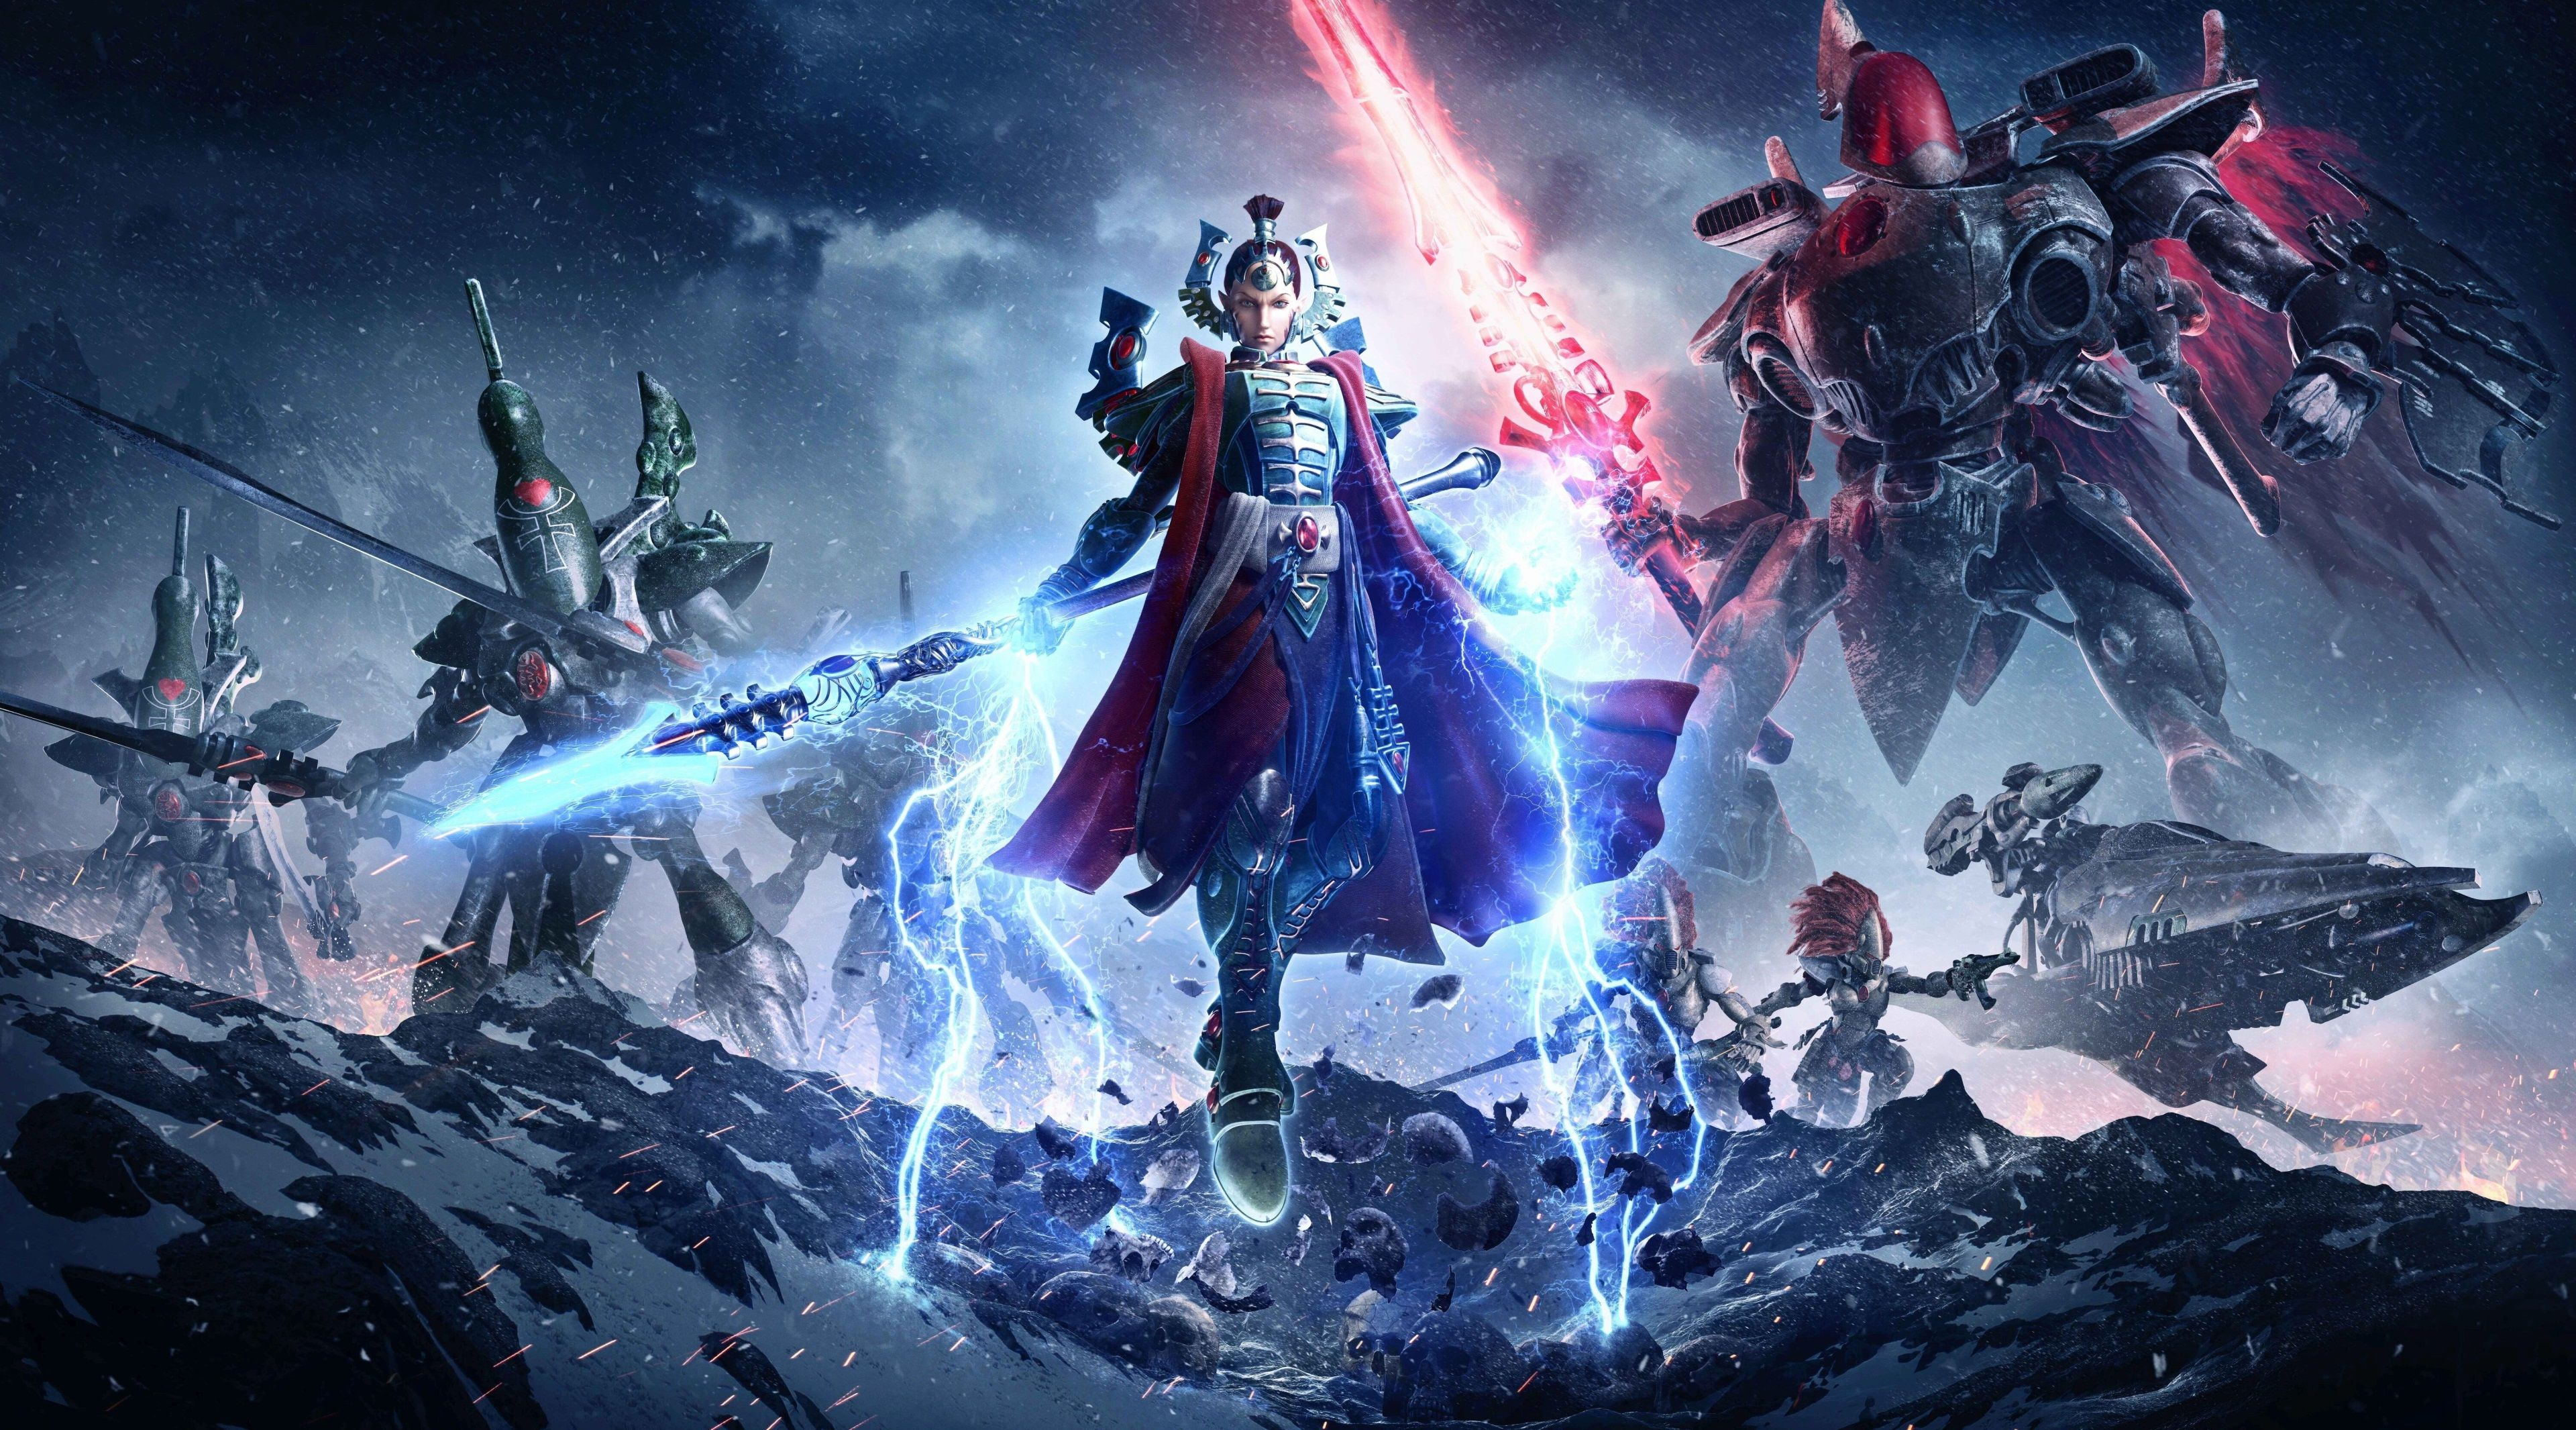 3840x2131 Warhammer 40k Dawn Of War 3 4k Hd Image Warhammer 40k Warhammer Warhammer Eldar